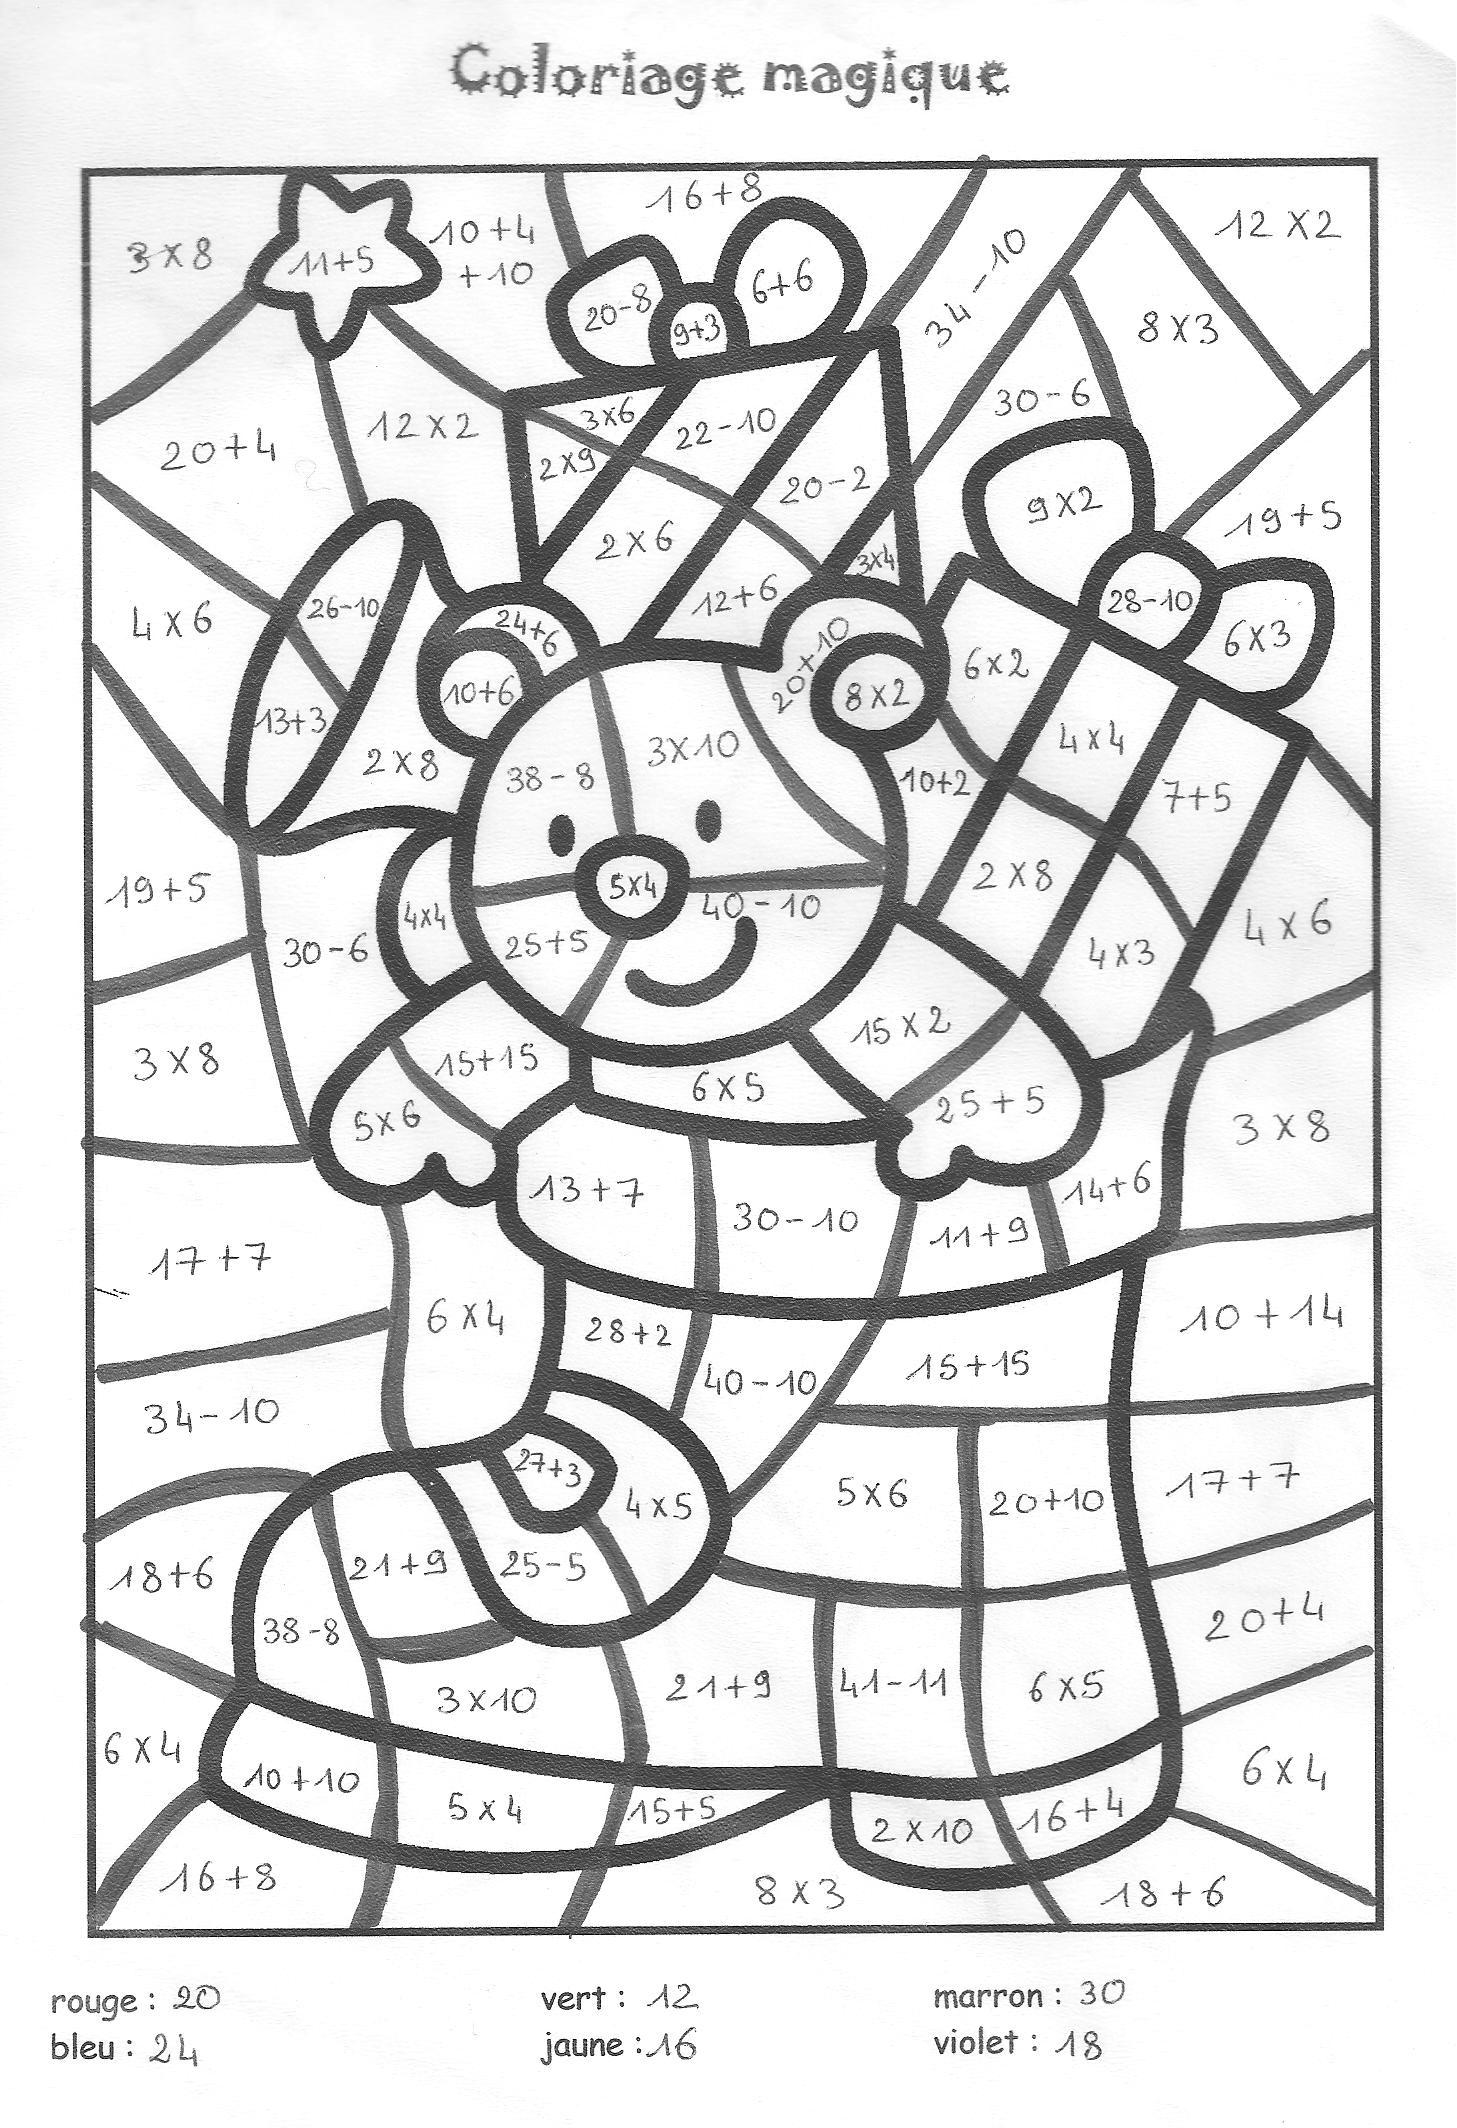 Coloriage Magique Multiplication Pour Cm2 pour Coloriage Magique Multiplication Ce2 À Imprimer